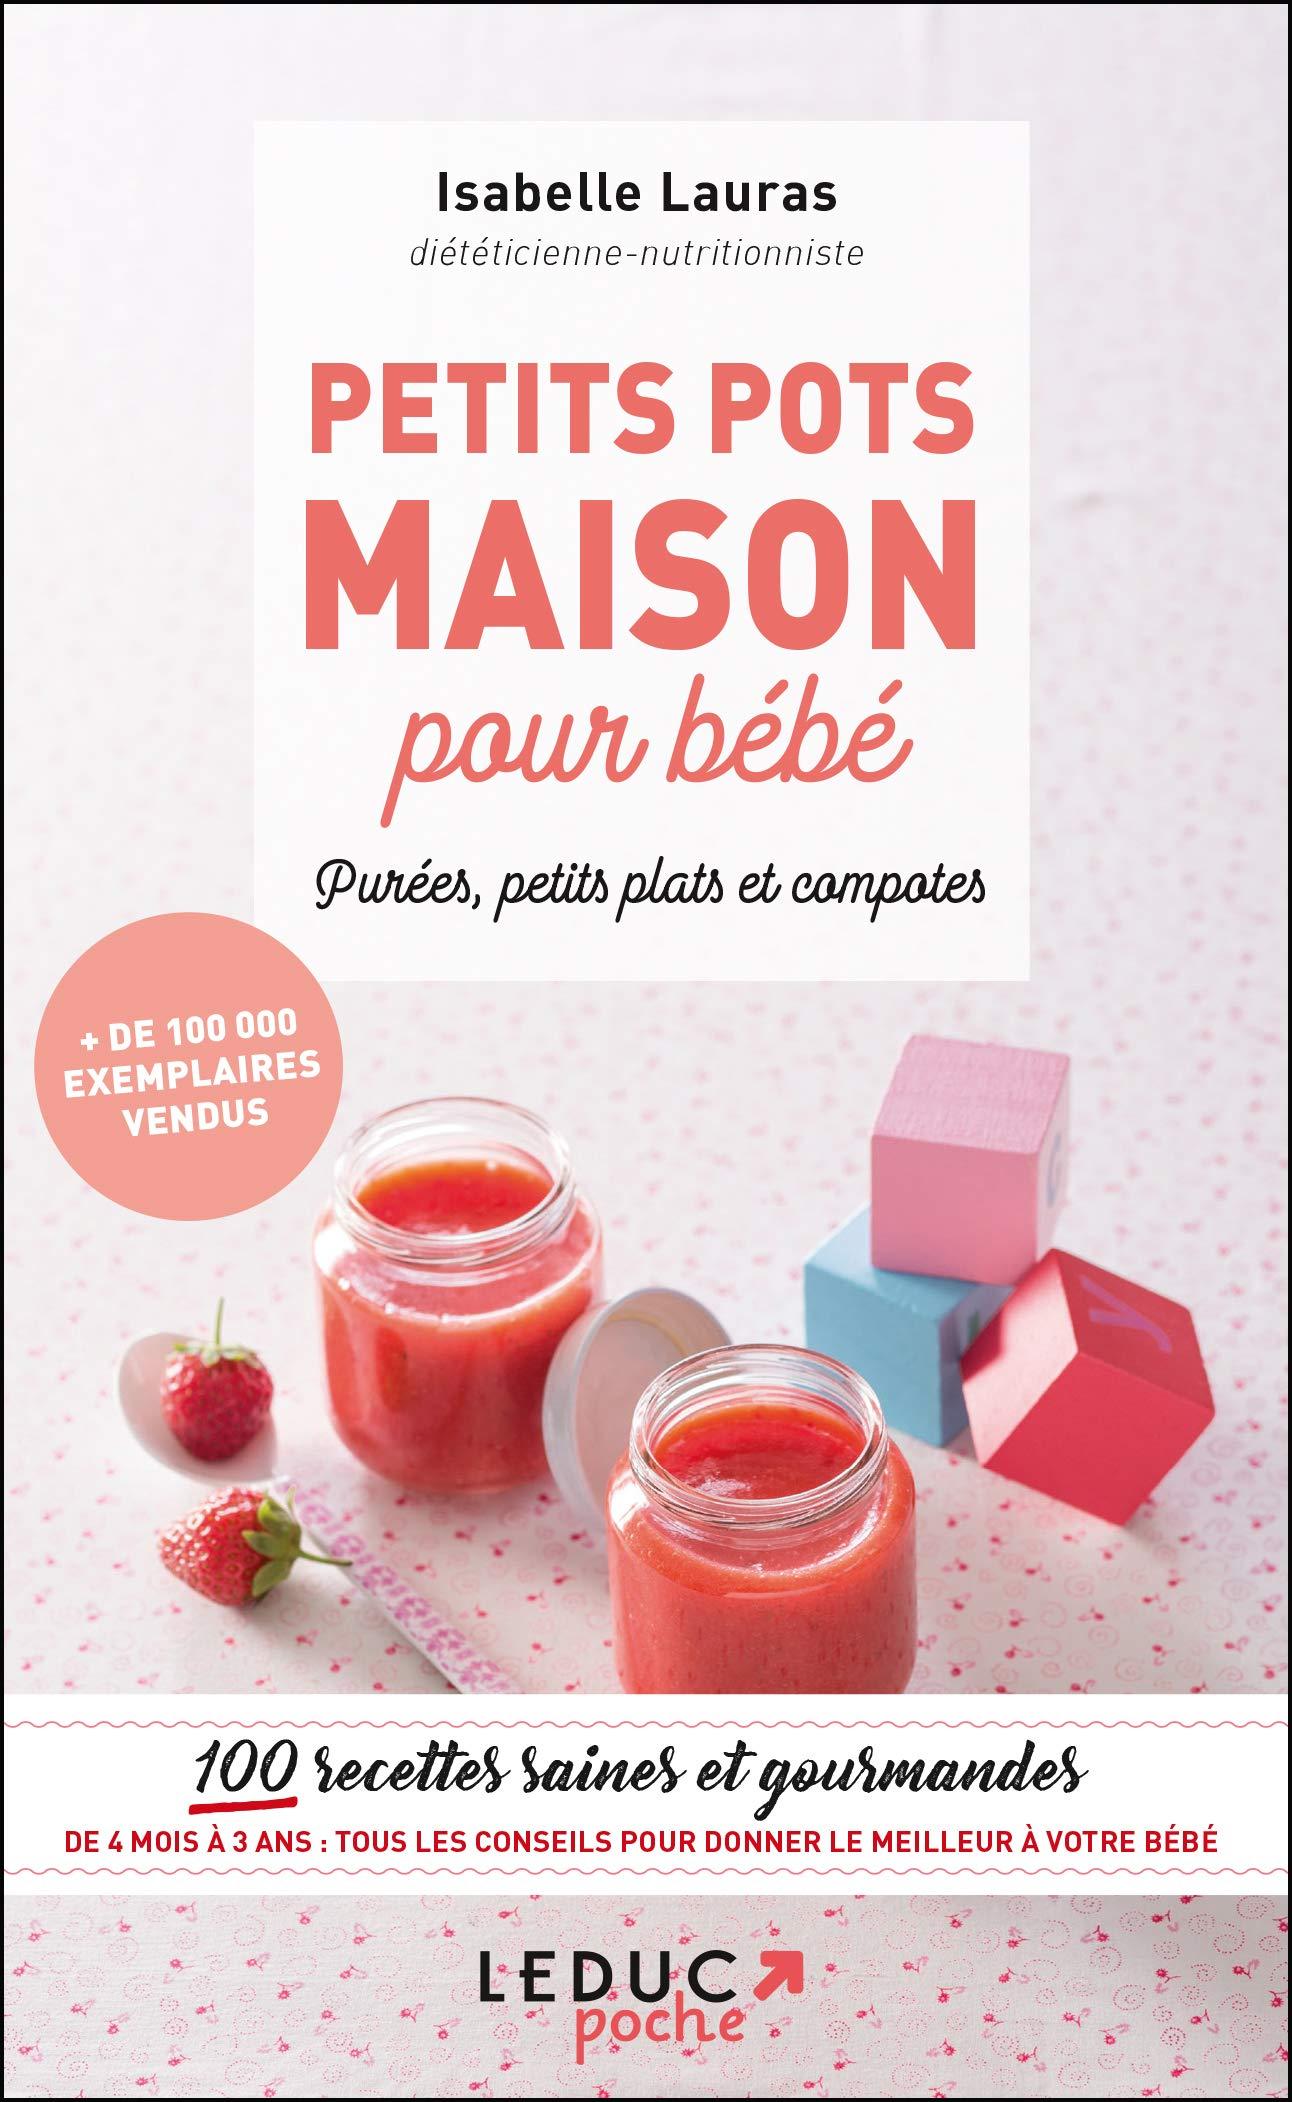 Petits pots maison pour bébé, purée, petits plats et compotes ...